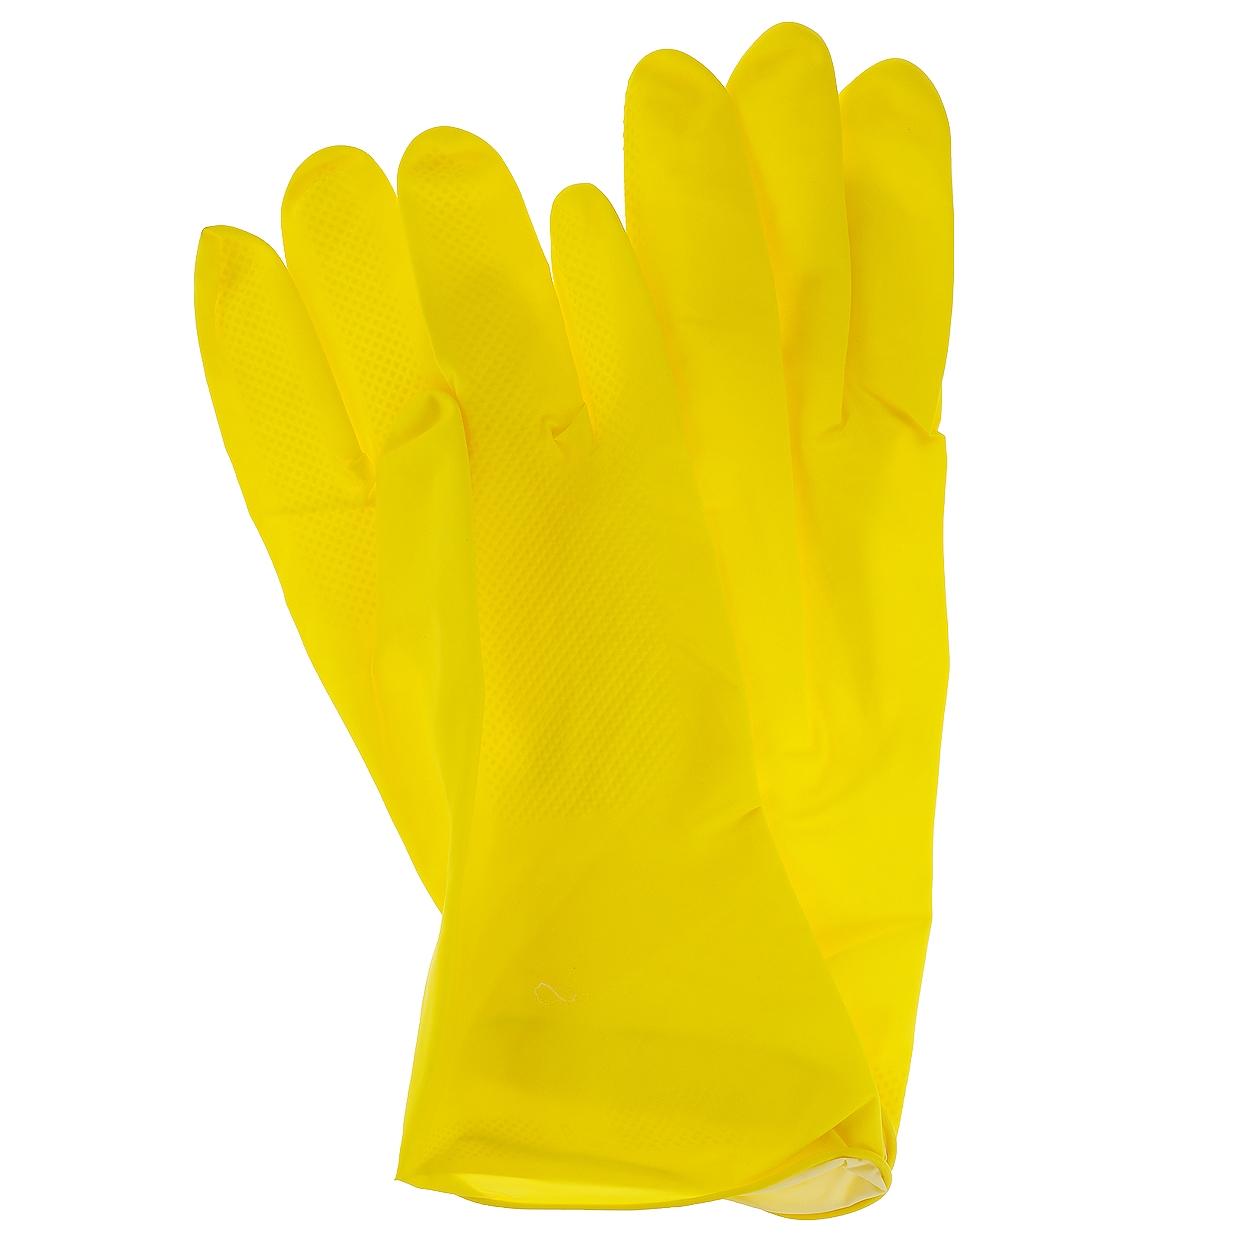 Перчатки резиновые, 1 пара, размер L, желтые, с х/б напылением